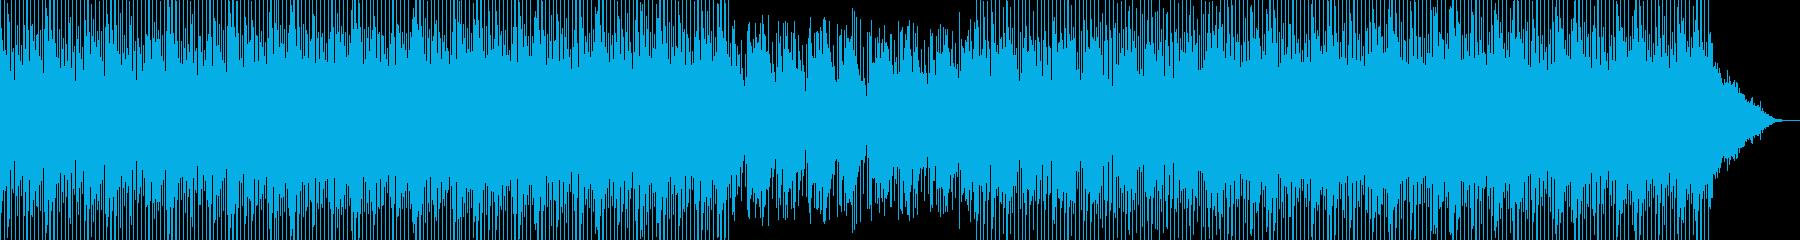 企業VP、ナレーション向けのBGMです。の再生済みの波形